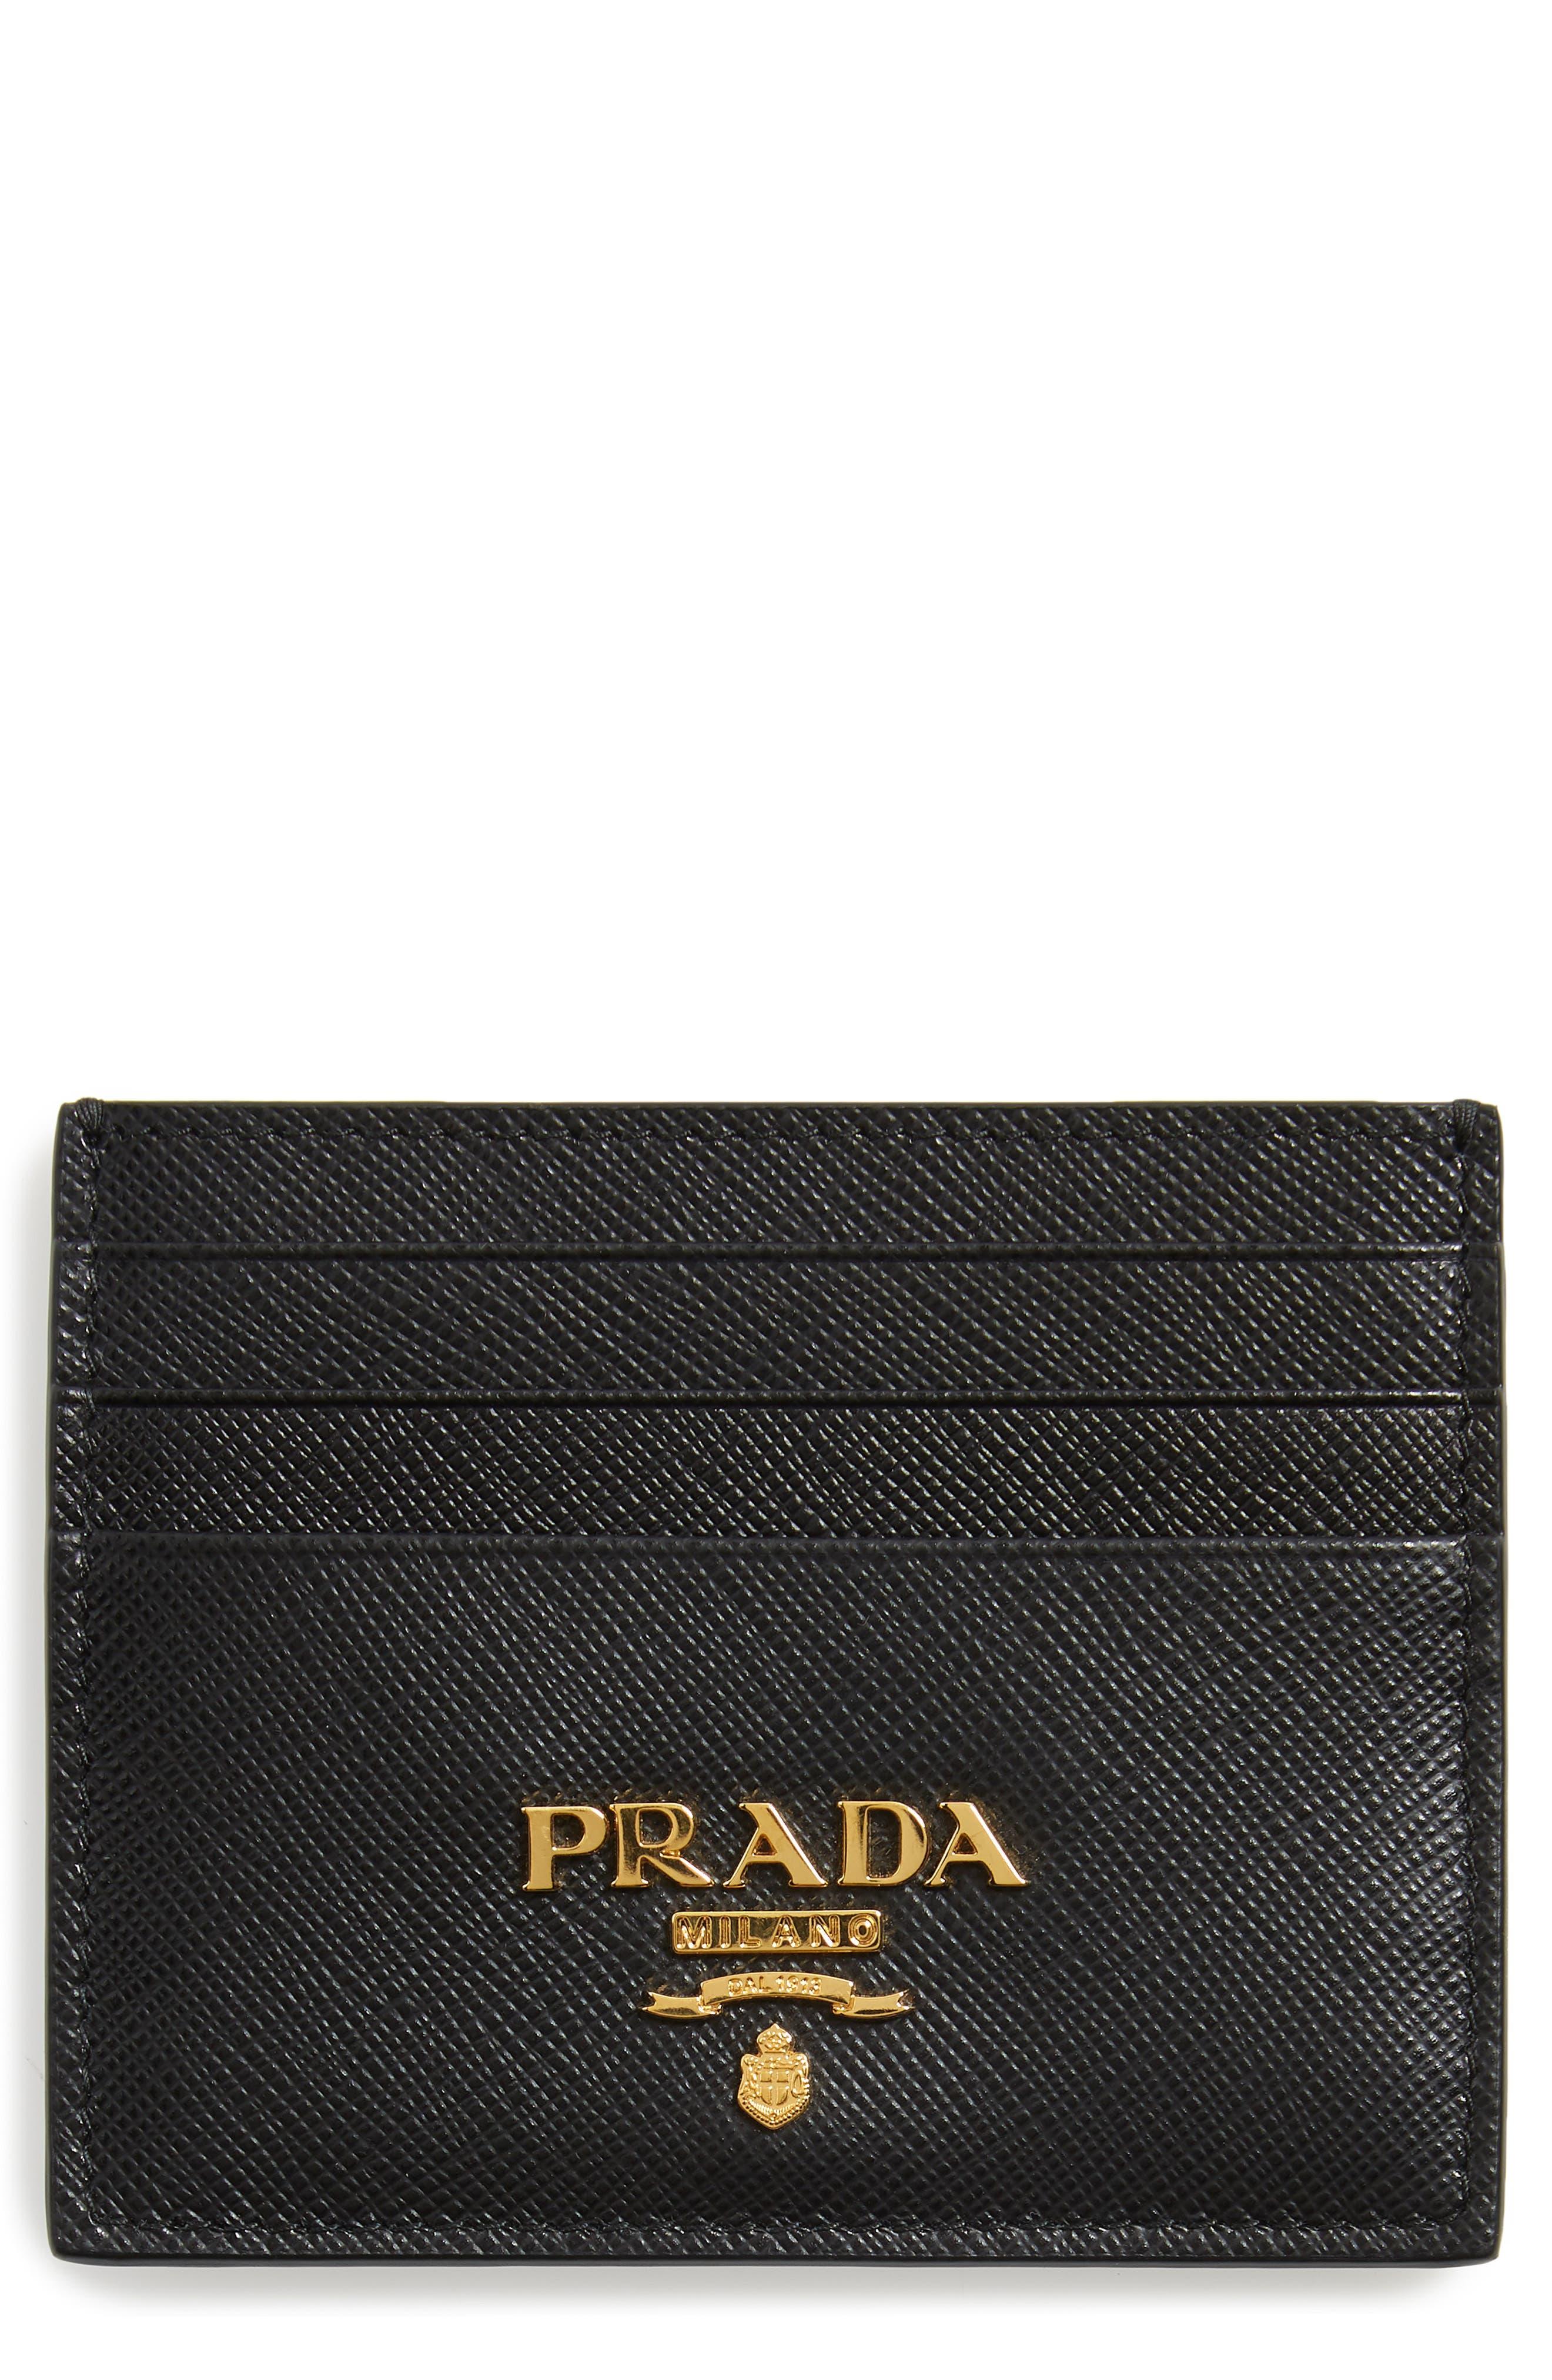 Saffiano Metal Oro Leather Card Case, Main, color, NERO